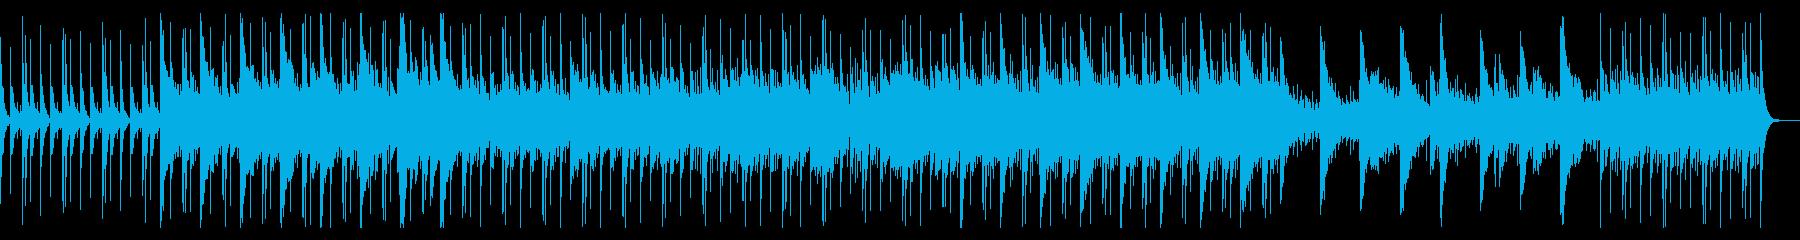 ドラムとピアノが中心のシリアスな曲の再生済みの波形